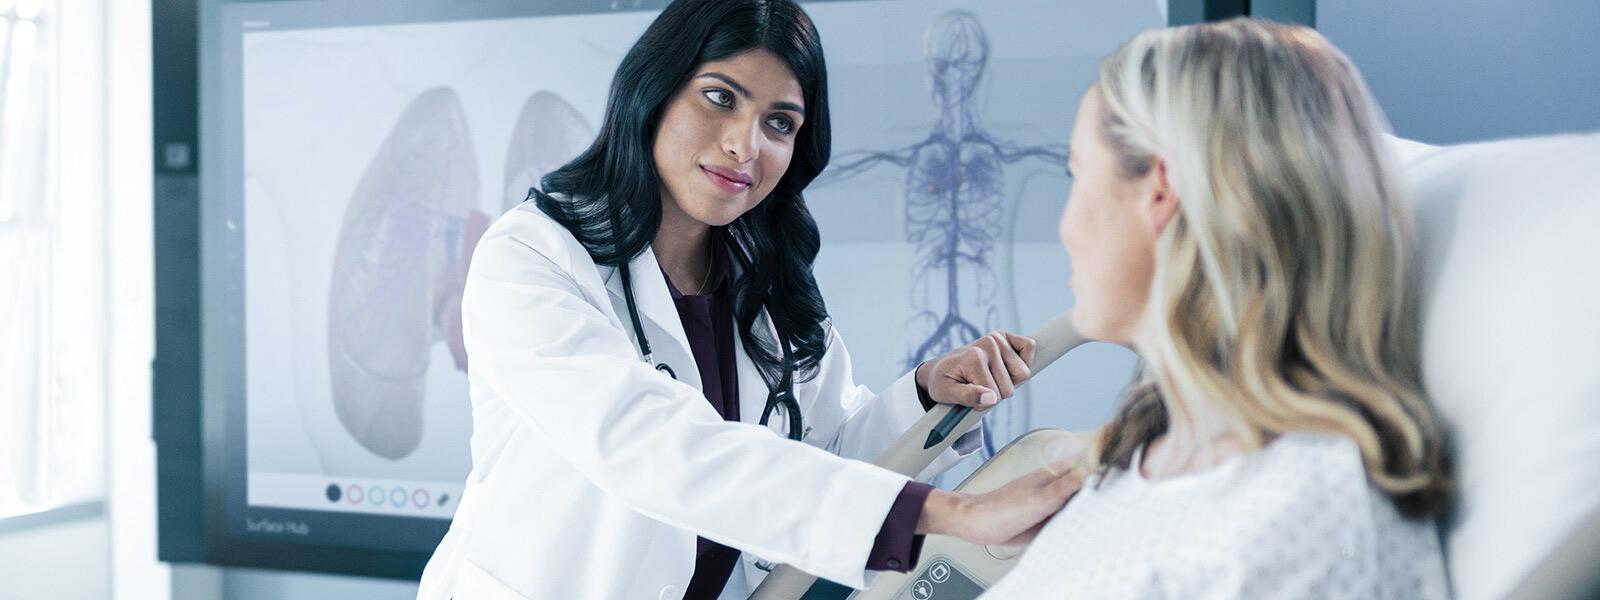 Arzt misst Vitaldaten an Krankenbett mit Surface Hub im Hintergrund.